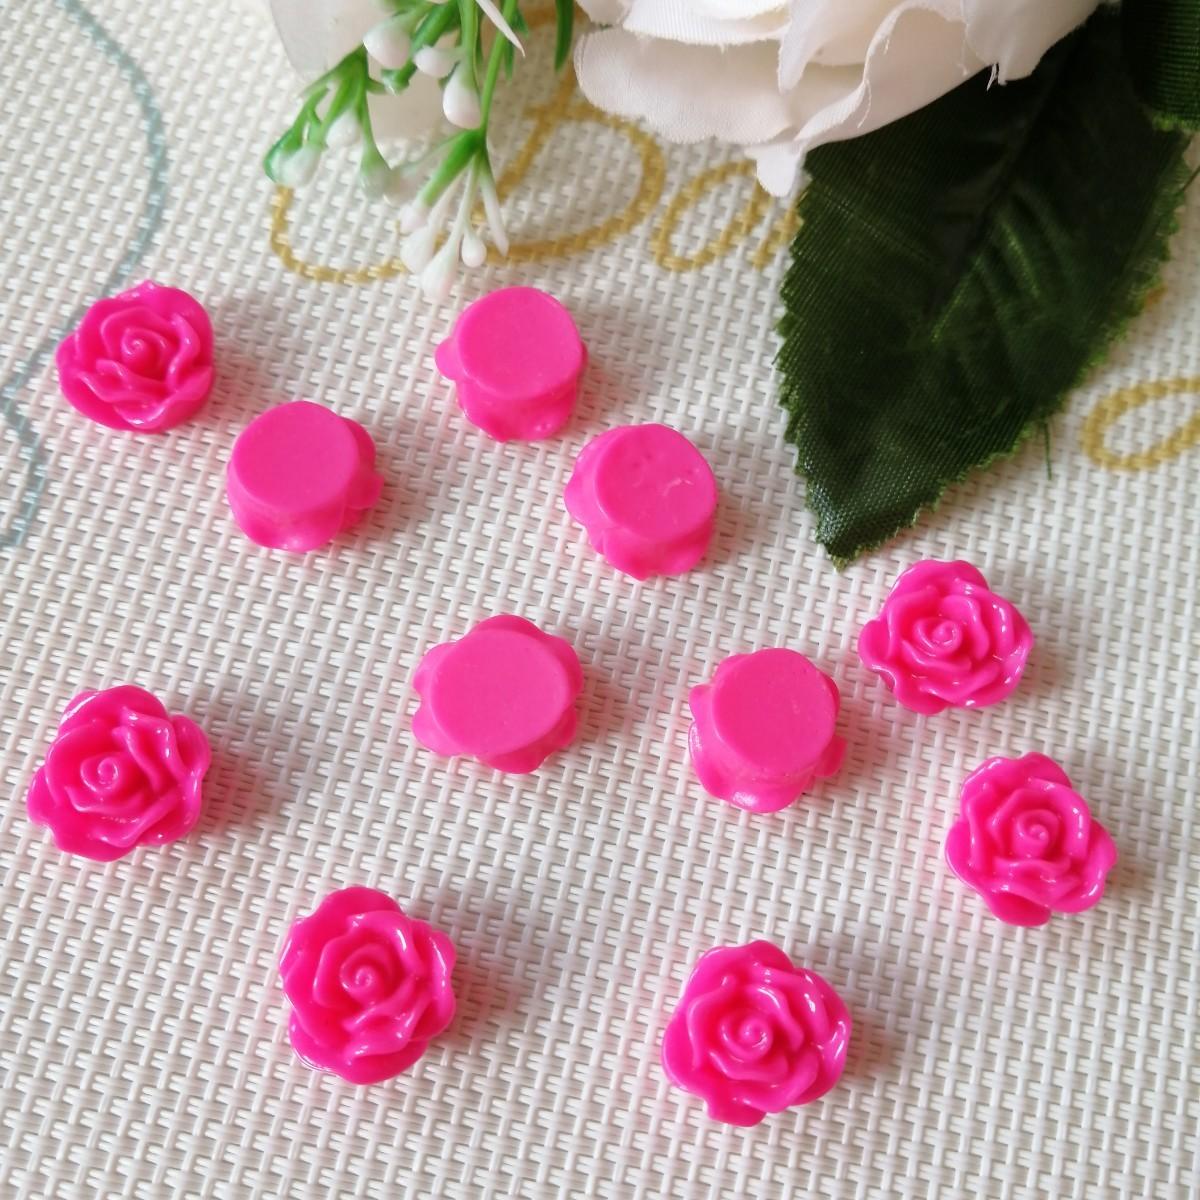 デコパーツ プラパーツ ハンドメイド 手作り リボン 材料 薔薇 バラ 花の1